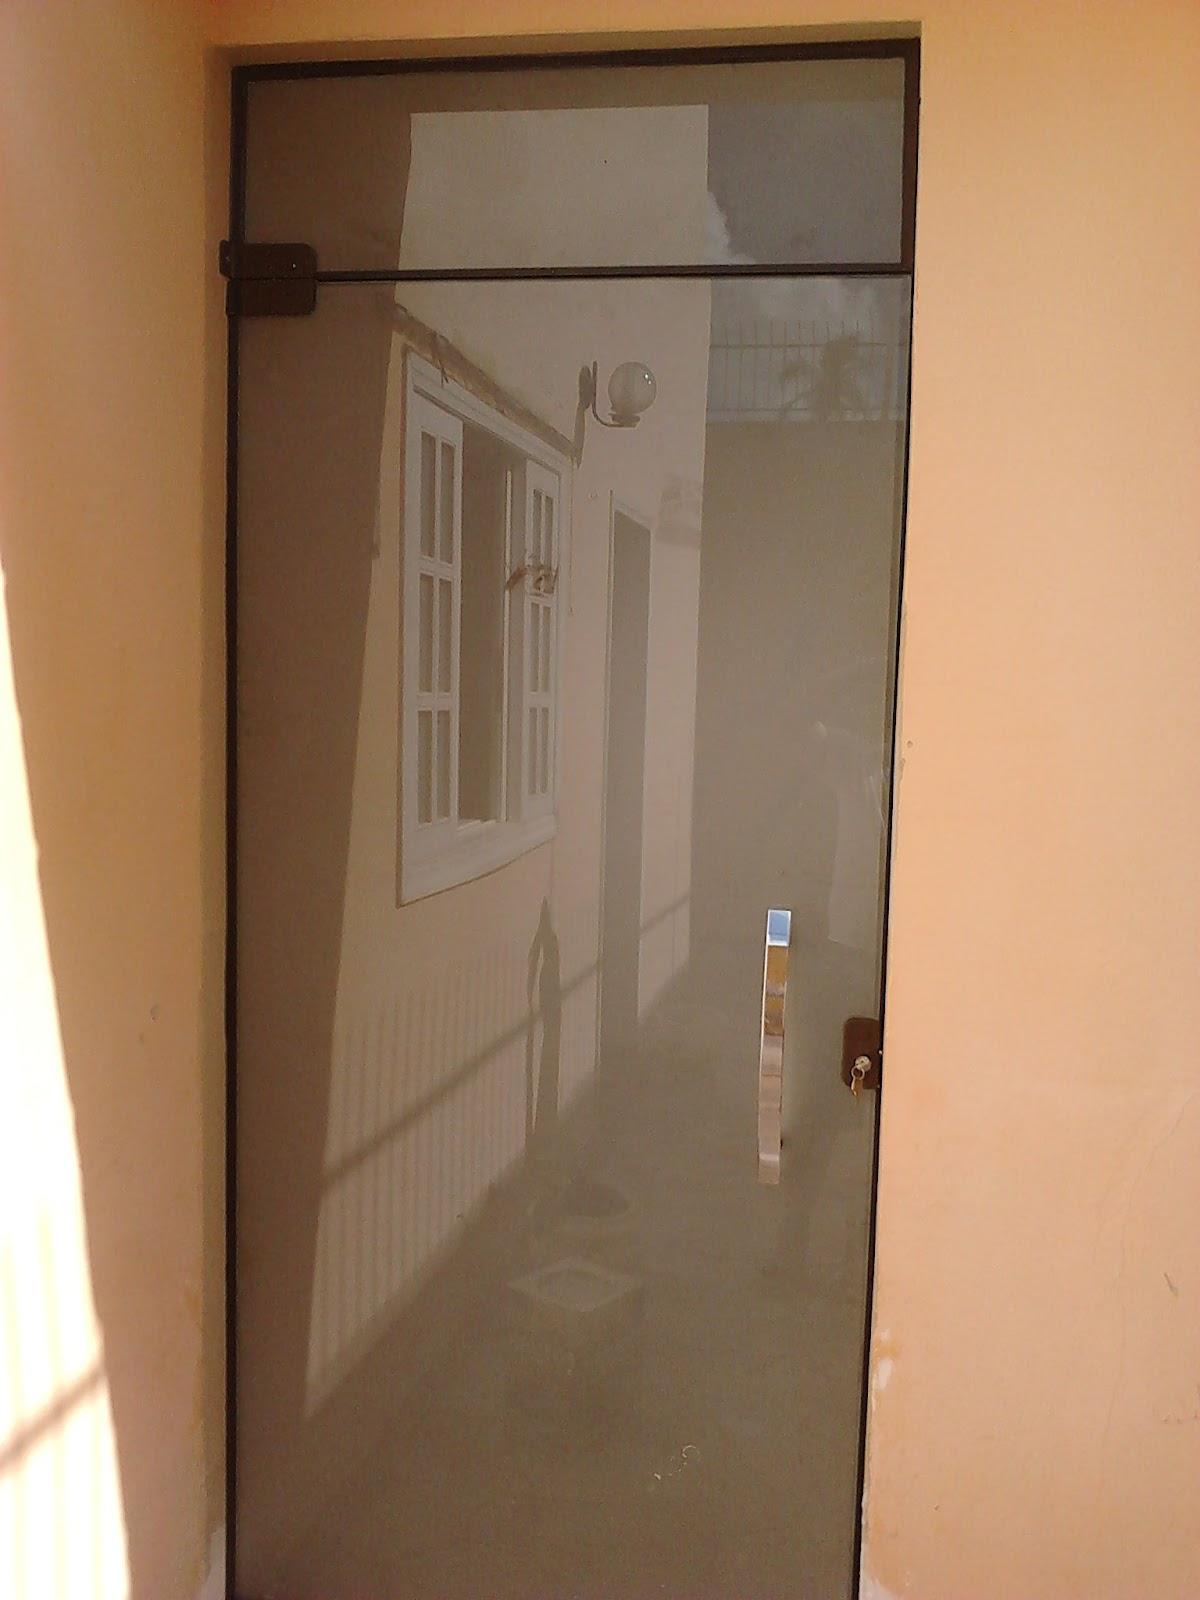 #BEA30D Porta Incolor com seu vidro jateado vista do lado de fora e dentro. 496 Janelas E Portas De Aluminio Em Juiz De Fora